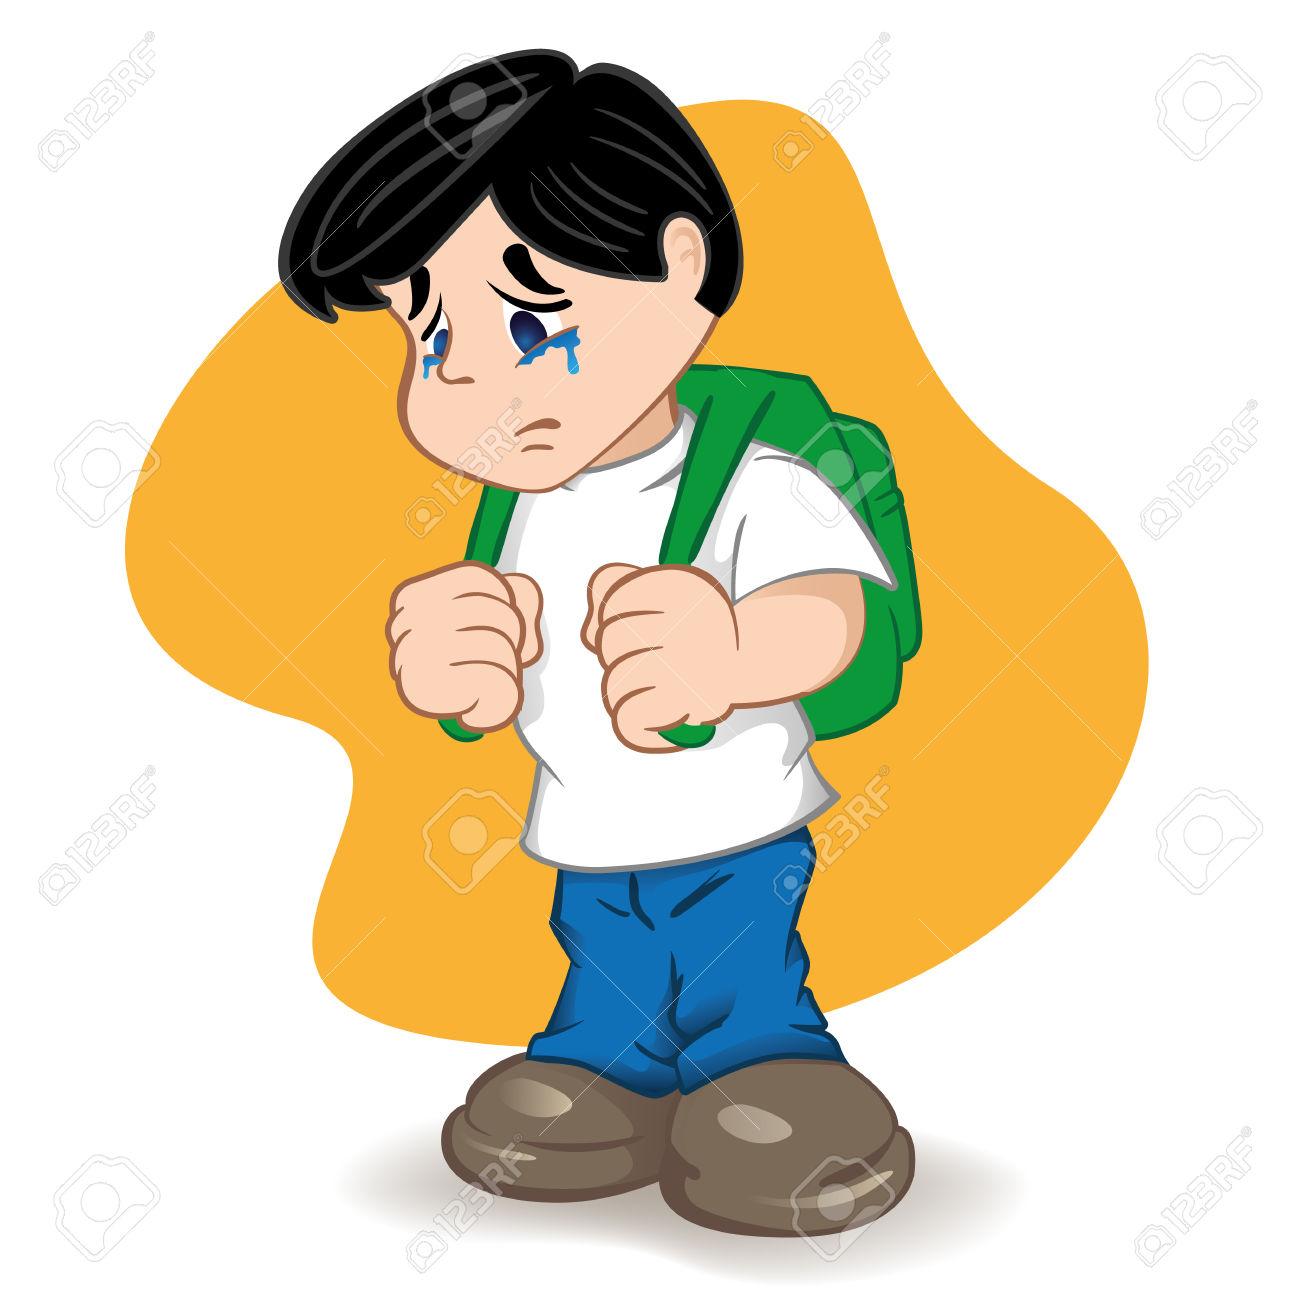 Weinendes kind clipart jpg free stock Illustration Eines Studenten Traurig Und Weinendes Kind. Ideal Für ... jpg free stock